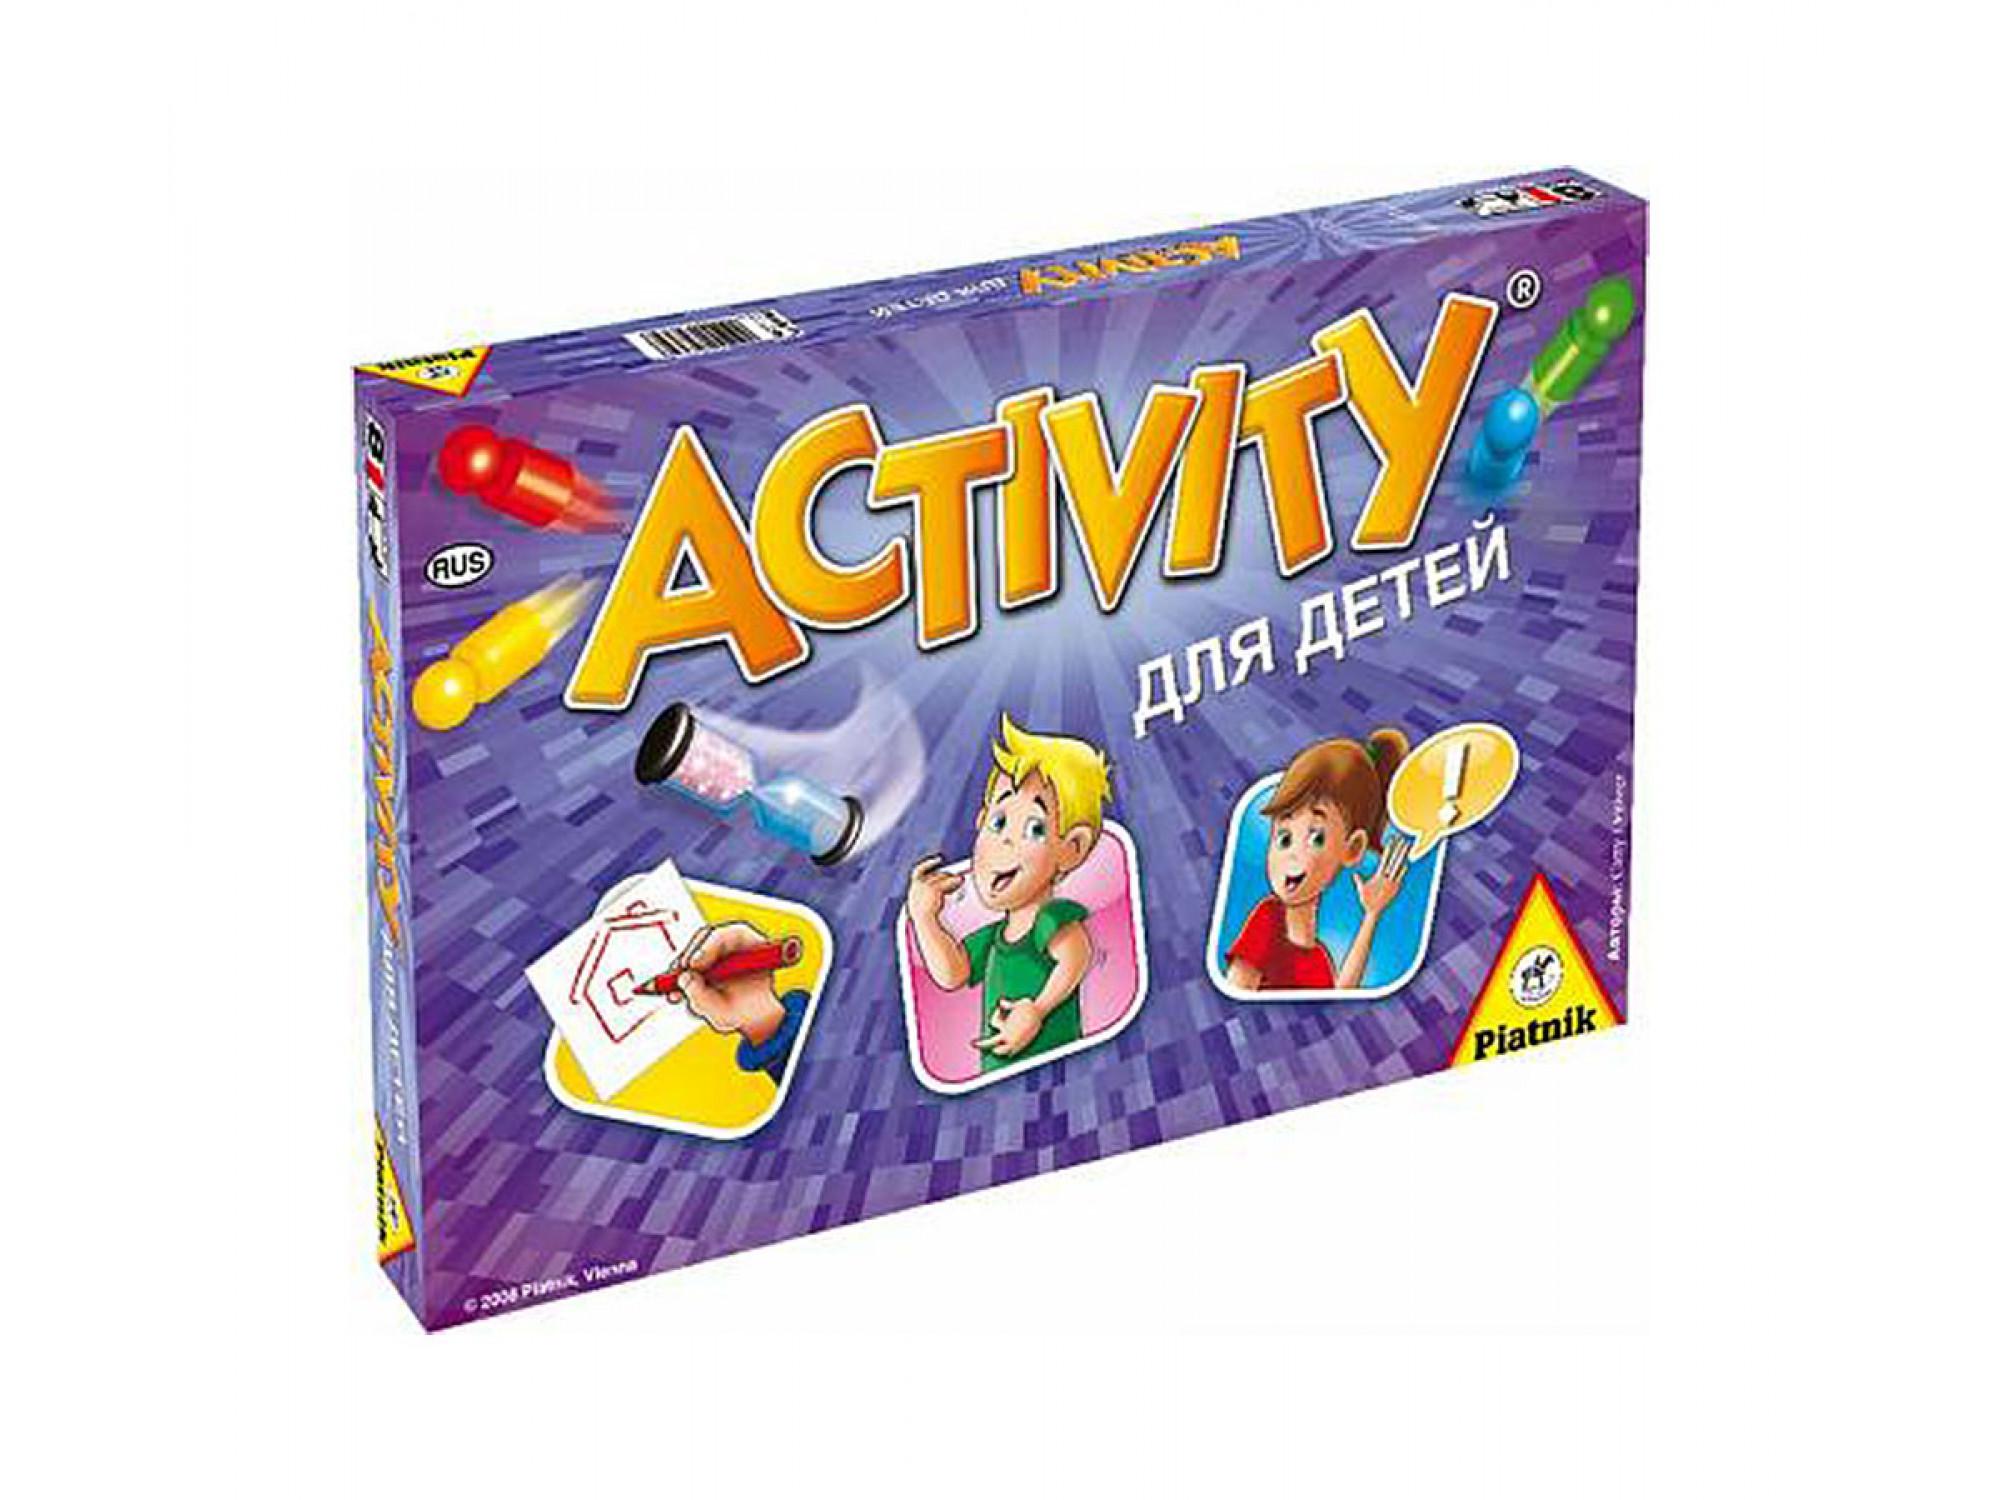 սեղանի խաղեր PIATNIK ACTIVITY երեխաների համար 793646